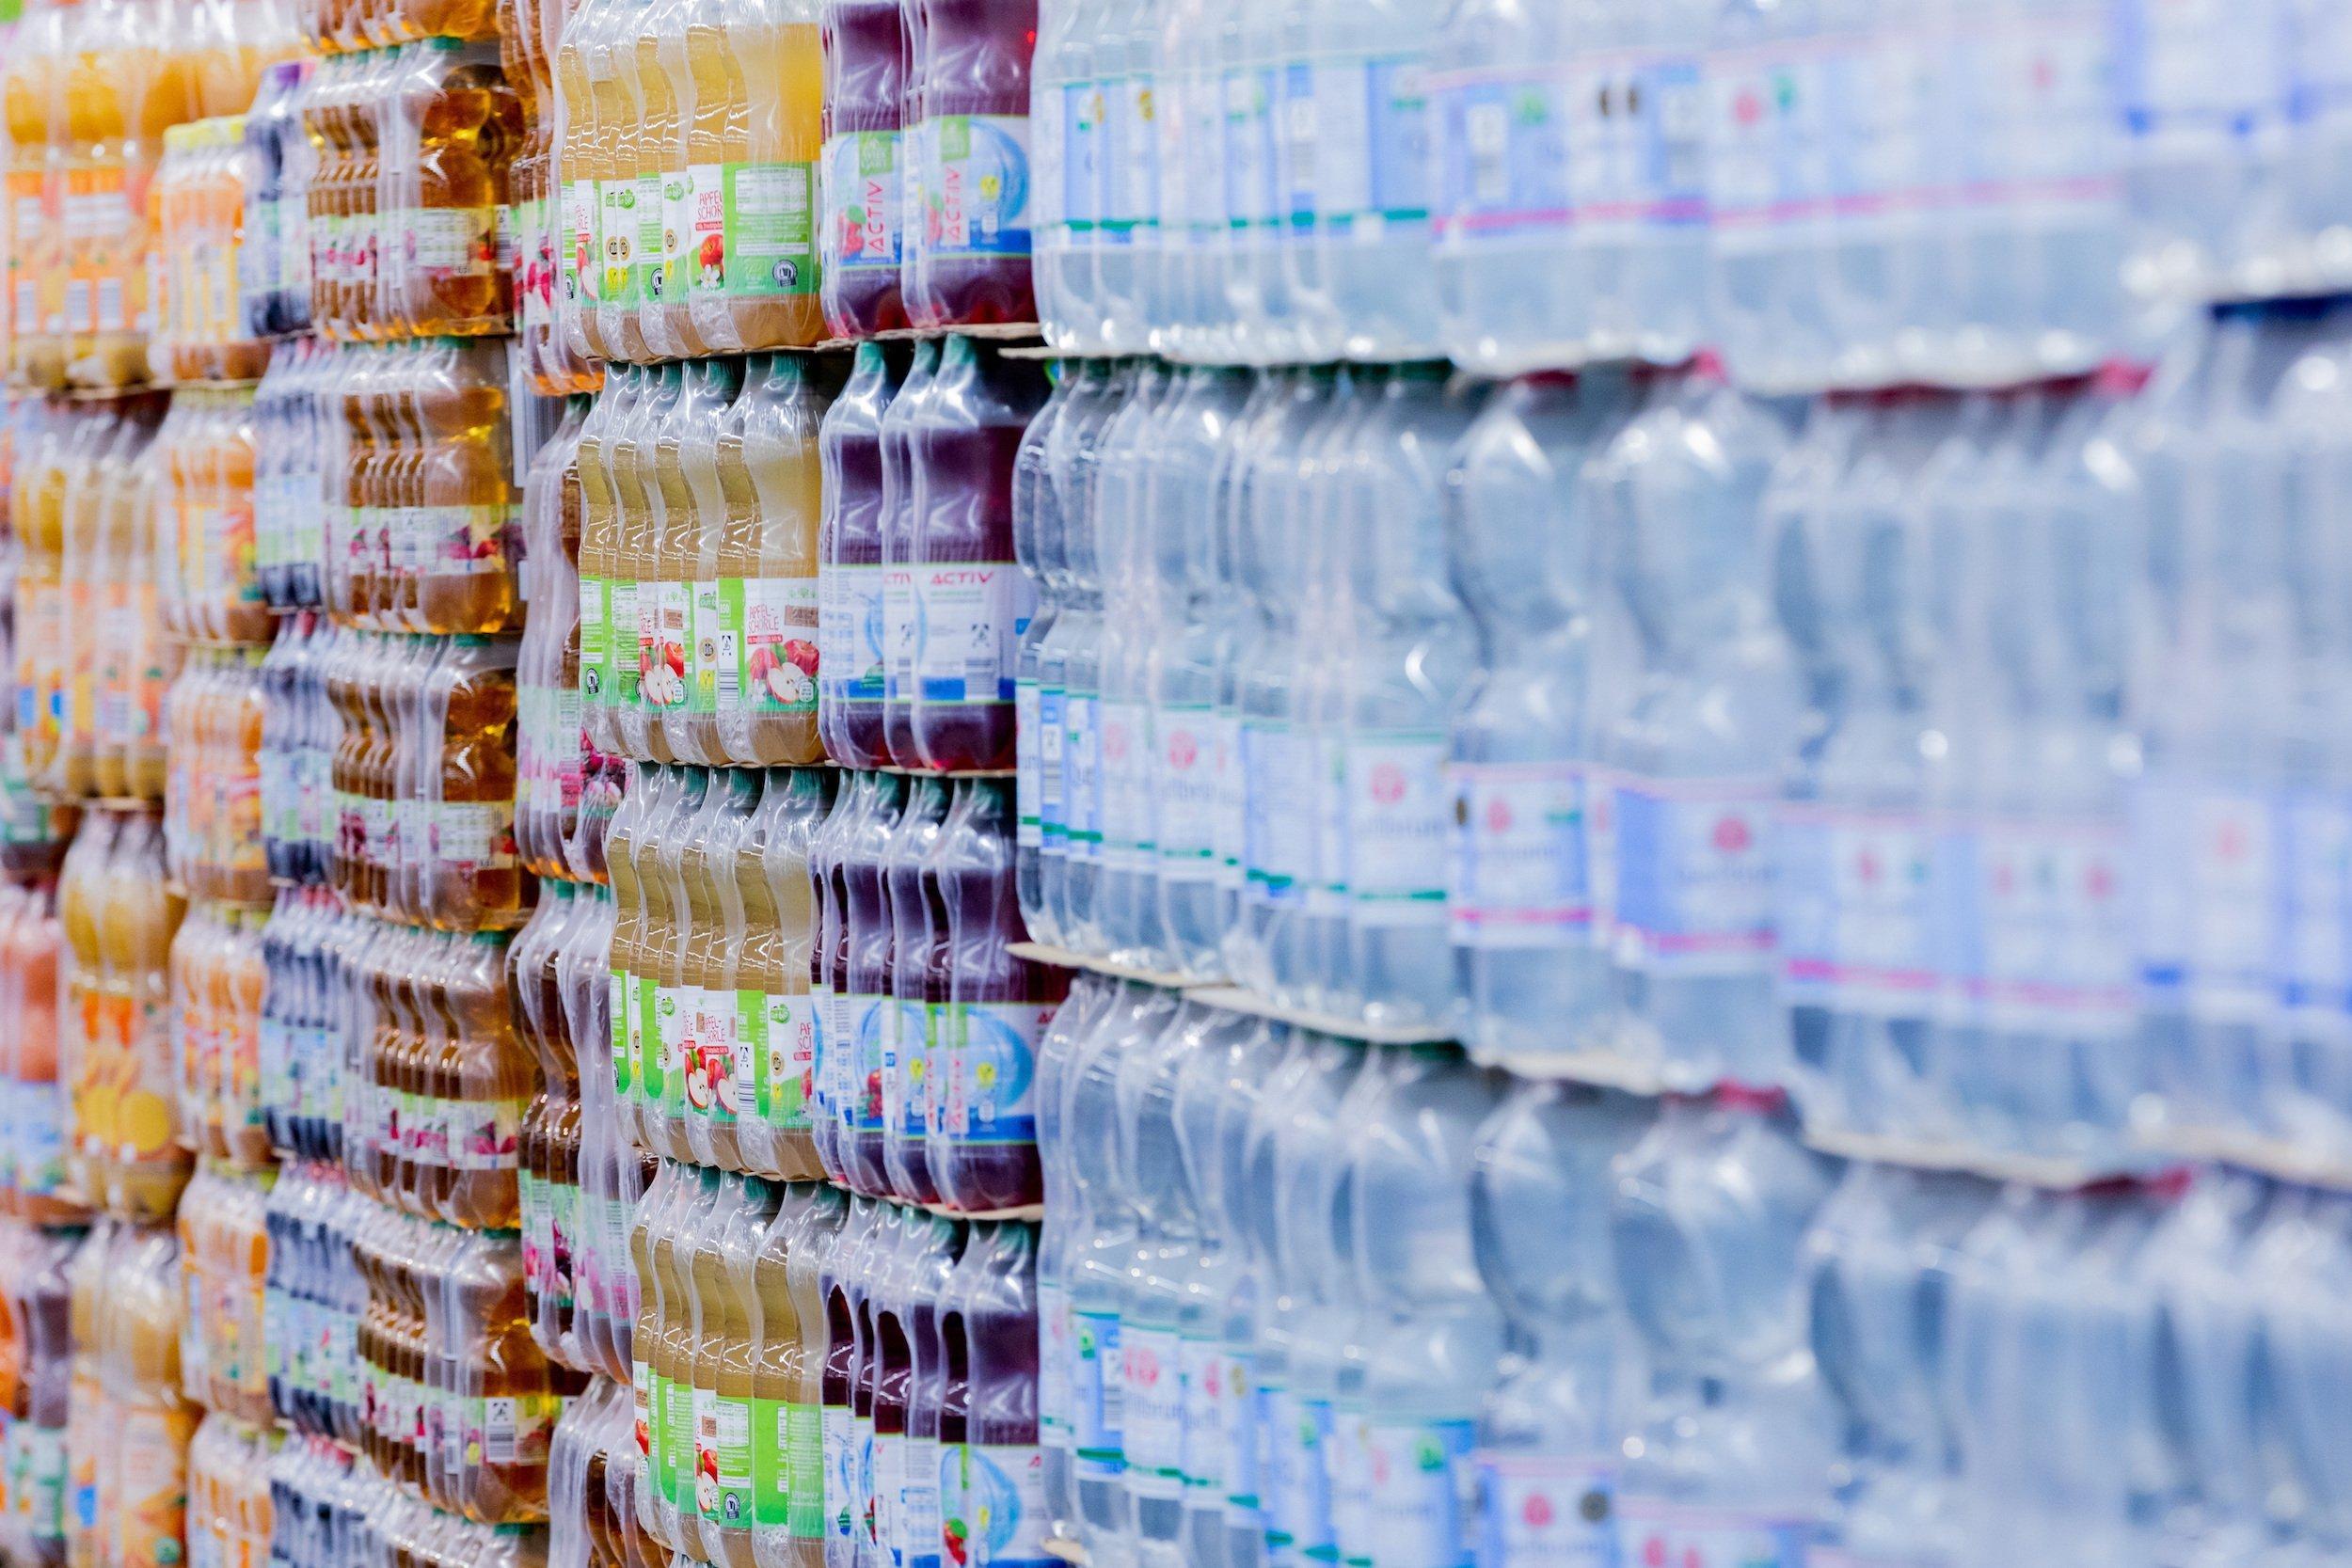 Plastikflaschen bis zur Decke gestapelt im Supermarkt.